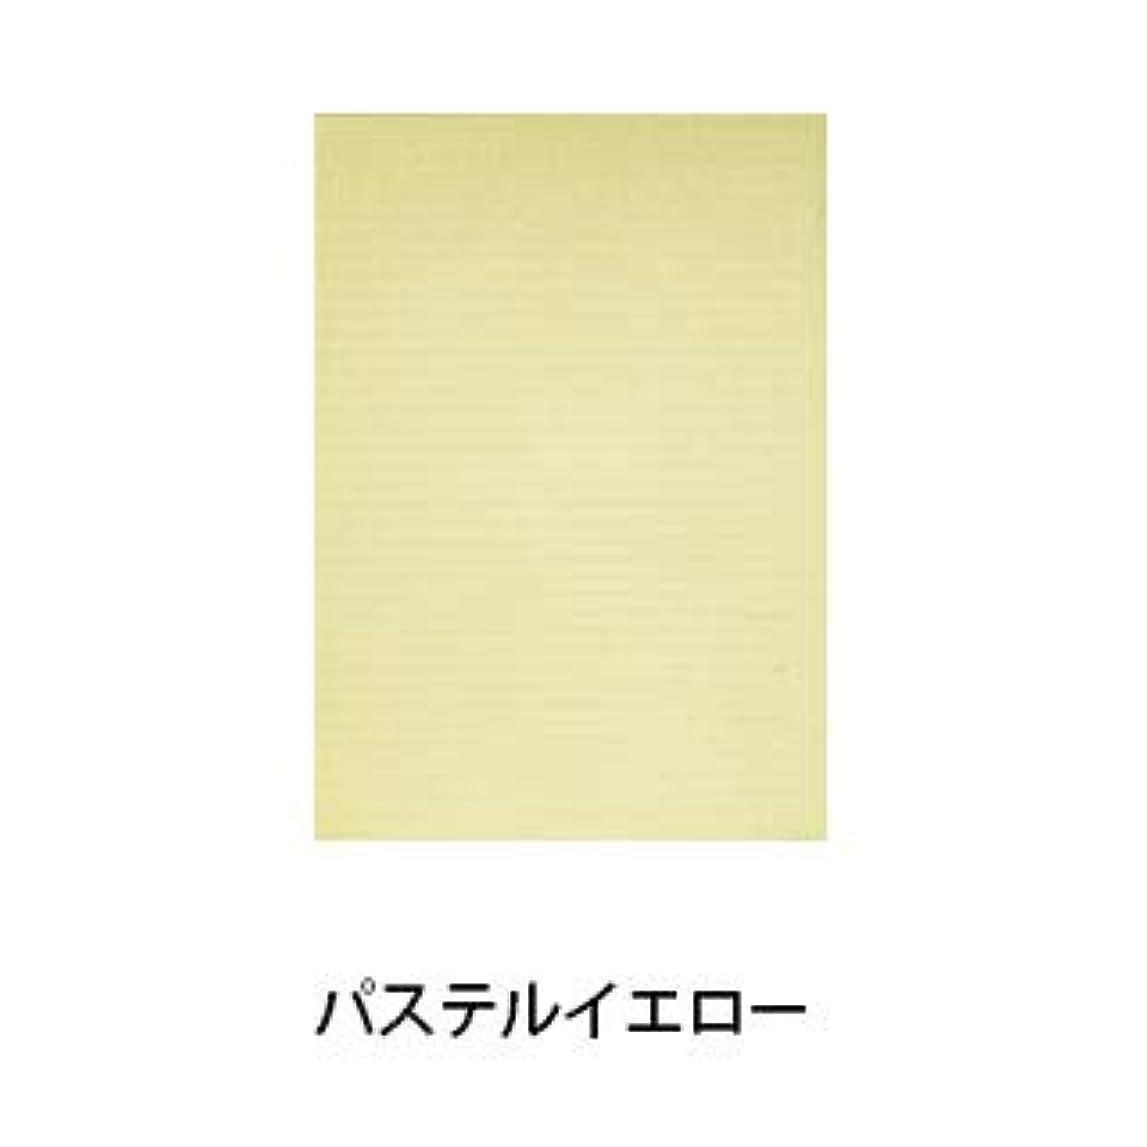 リース動粘り強い【パステルシリーズ】100枚入り ネイルシート ペーパークロス (パステルイエロー)